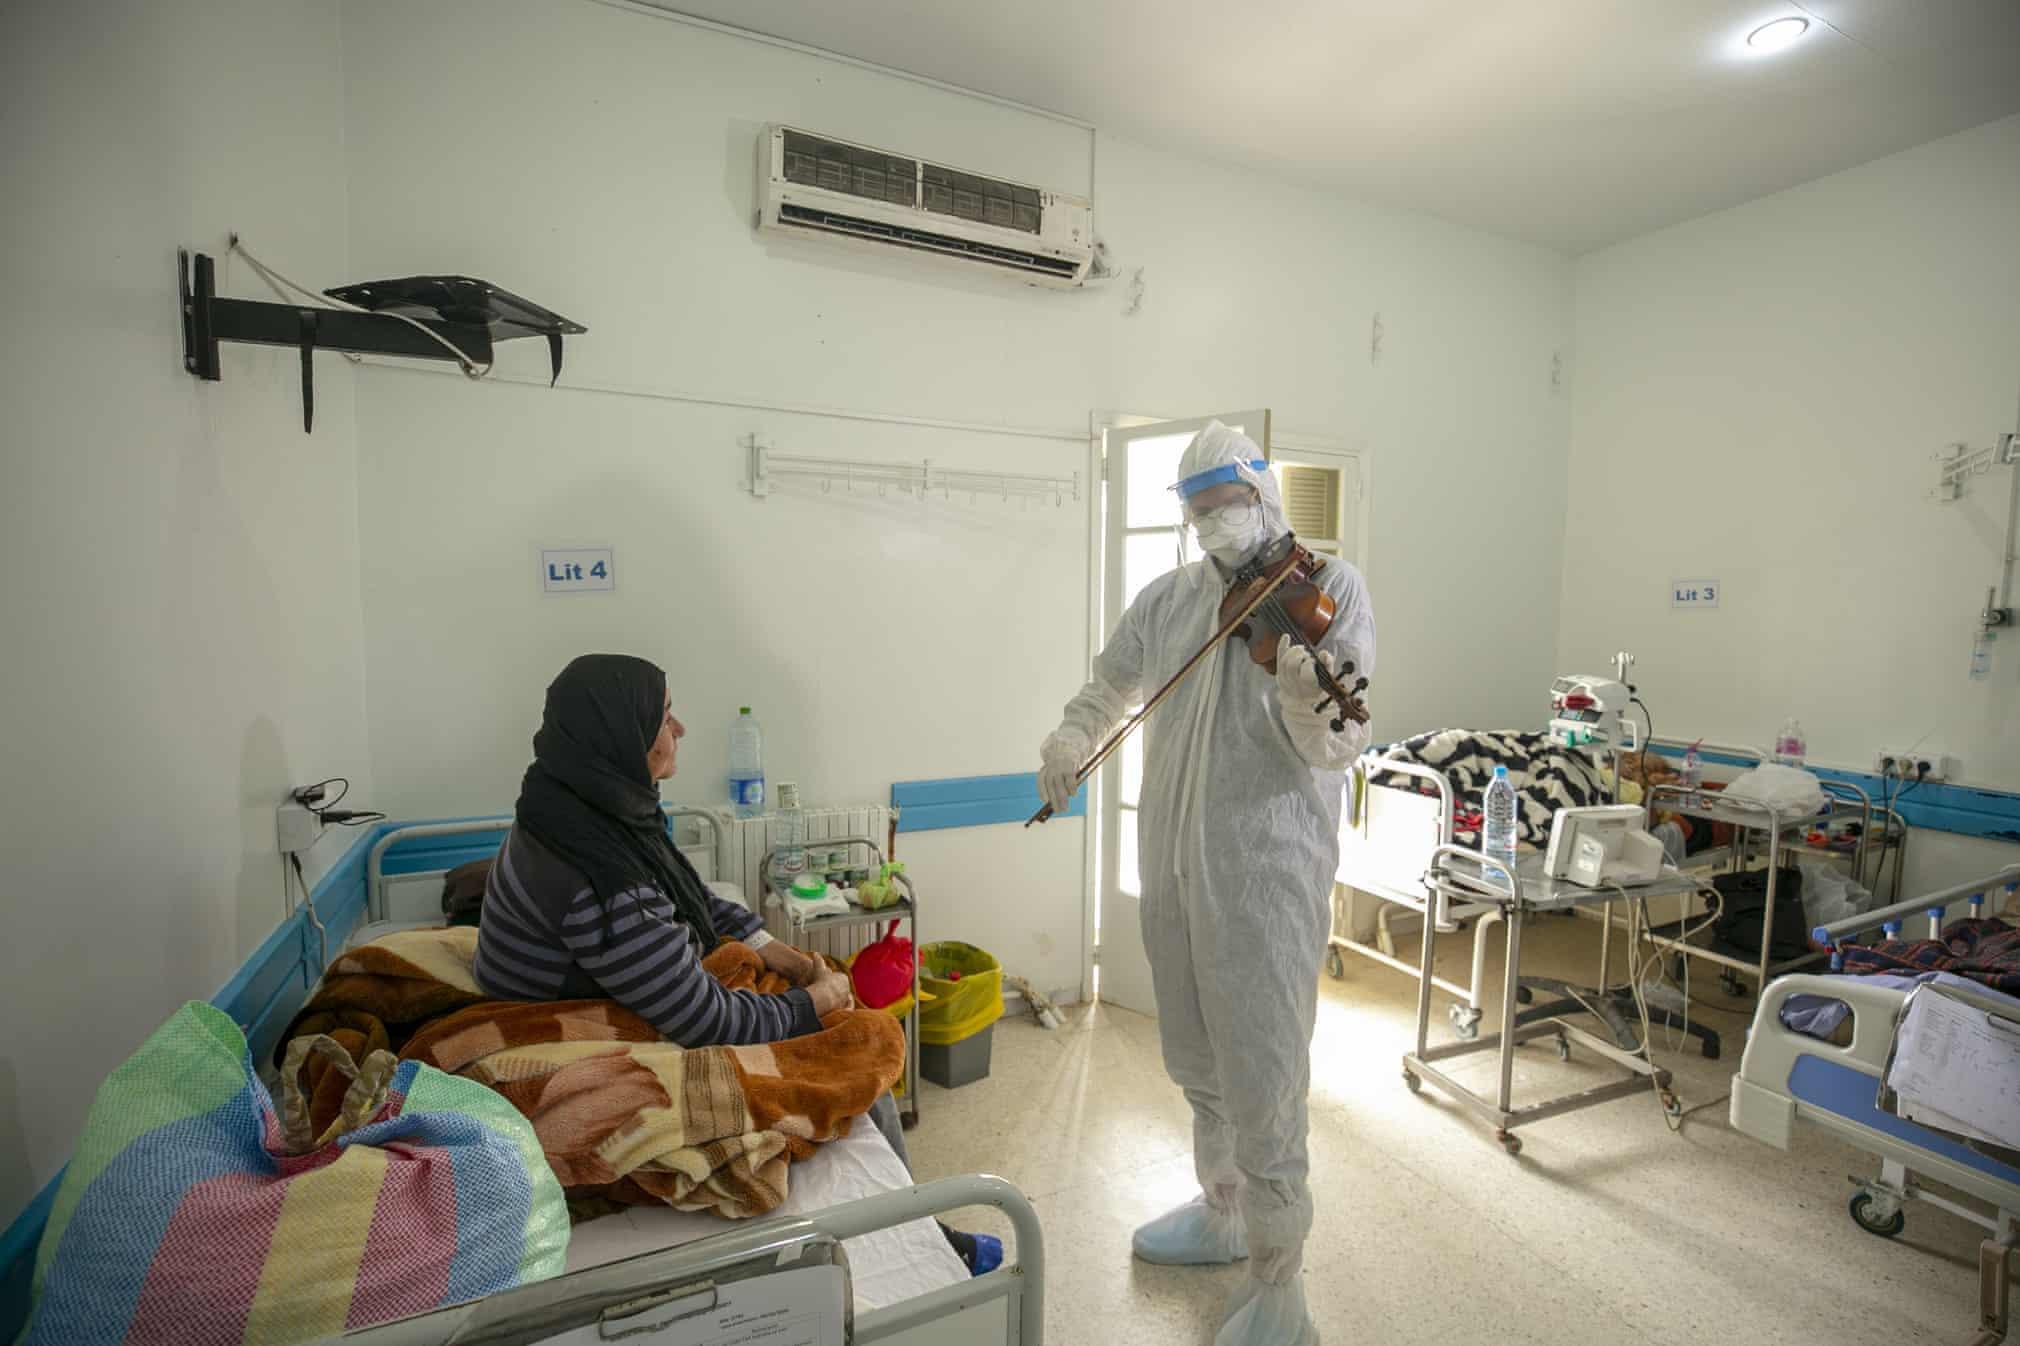 ویولن نوازی یک دکتر برای بیماران کرونایی در تونس